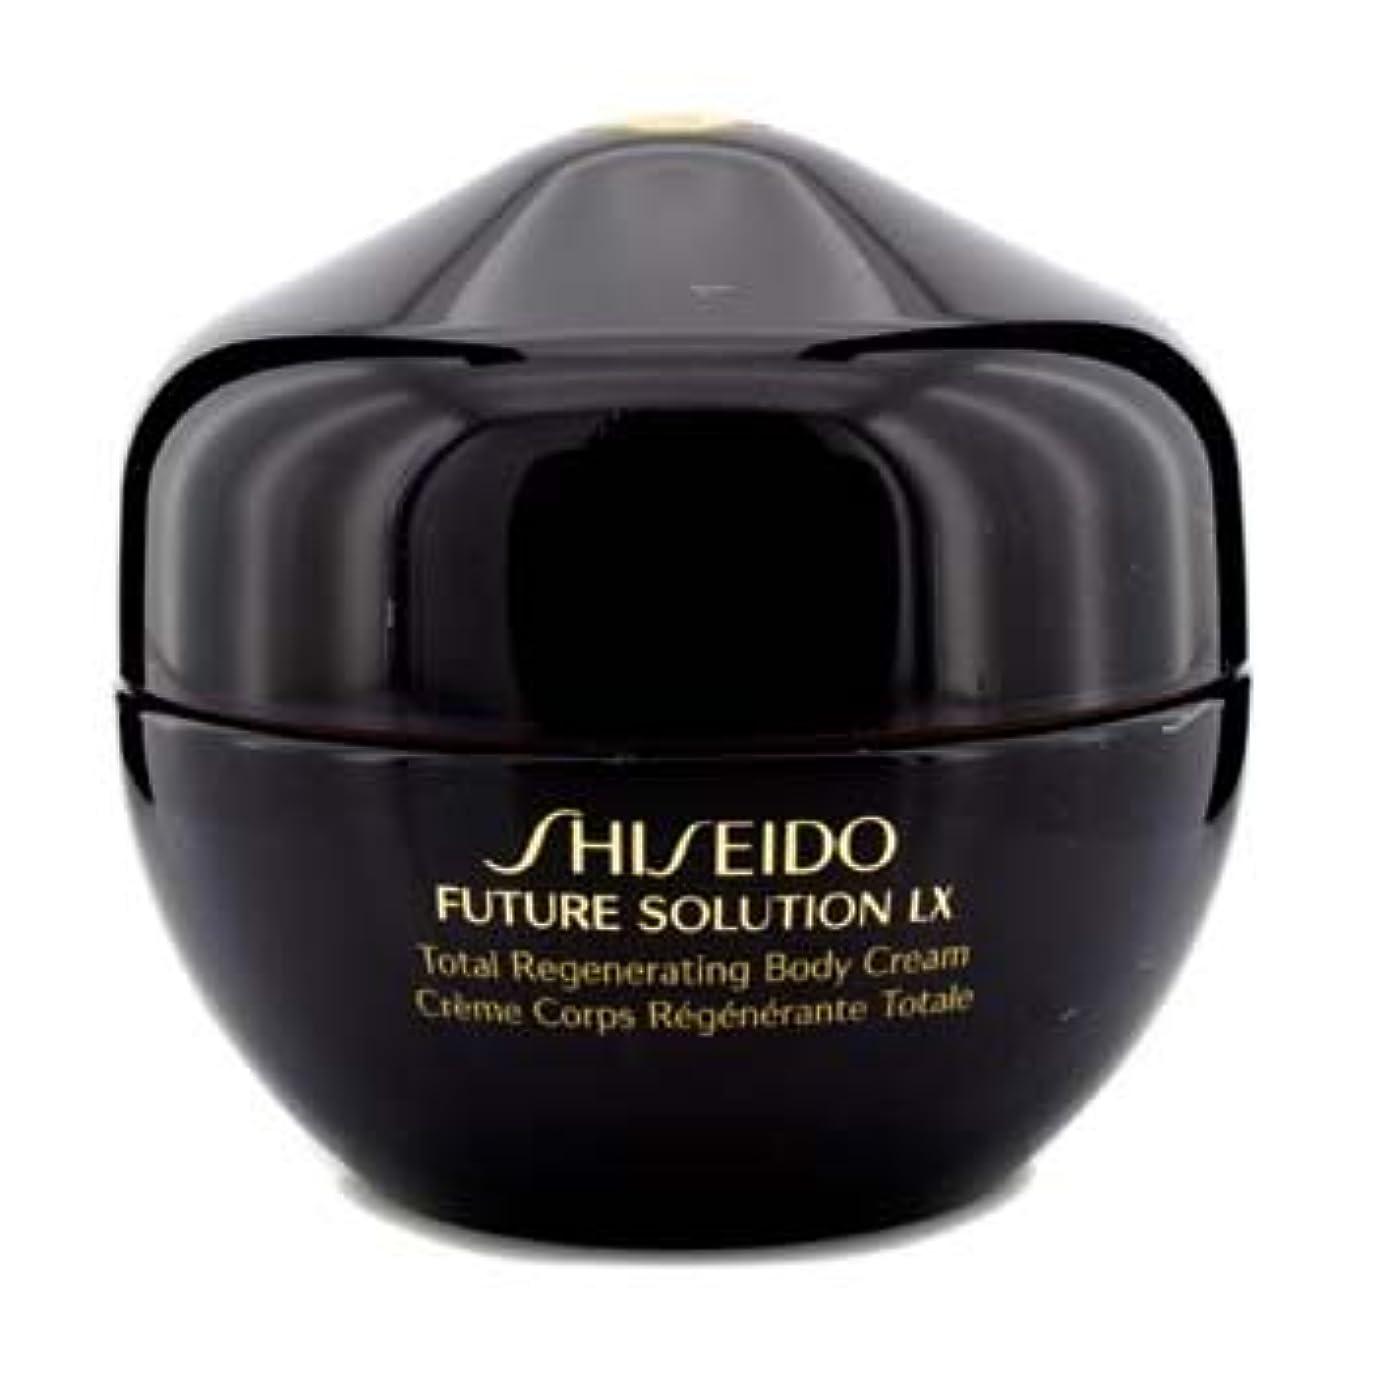 手メイドトランスミッション[Shiseido] Future Solution LX Total Regenerating Body Cream 200ml/6.7oz